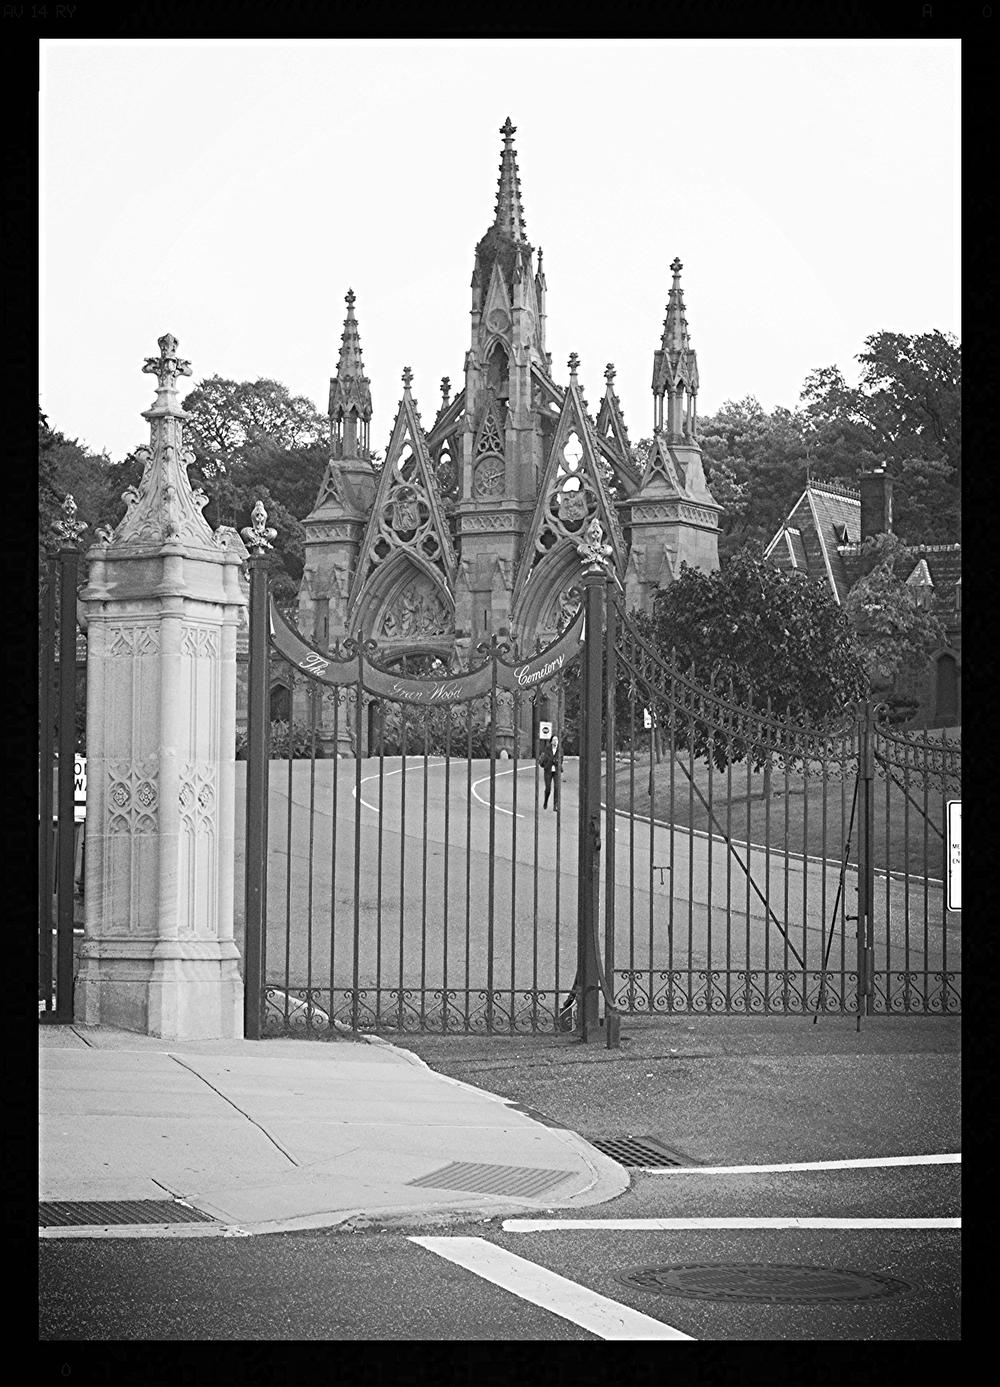 Castillo en el cementerio de Brooklyn. Nueva York, Estados Unidos -Octubre 2014